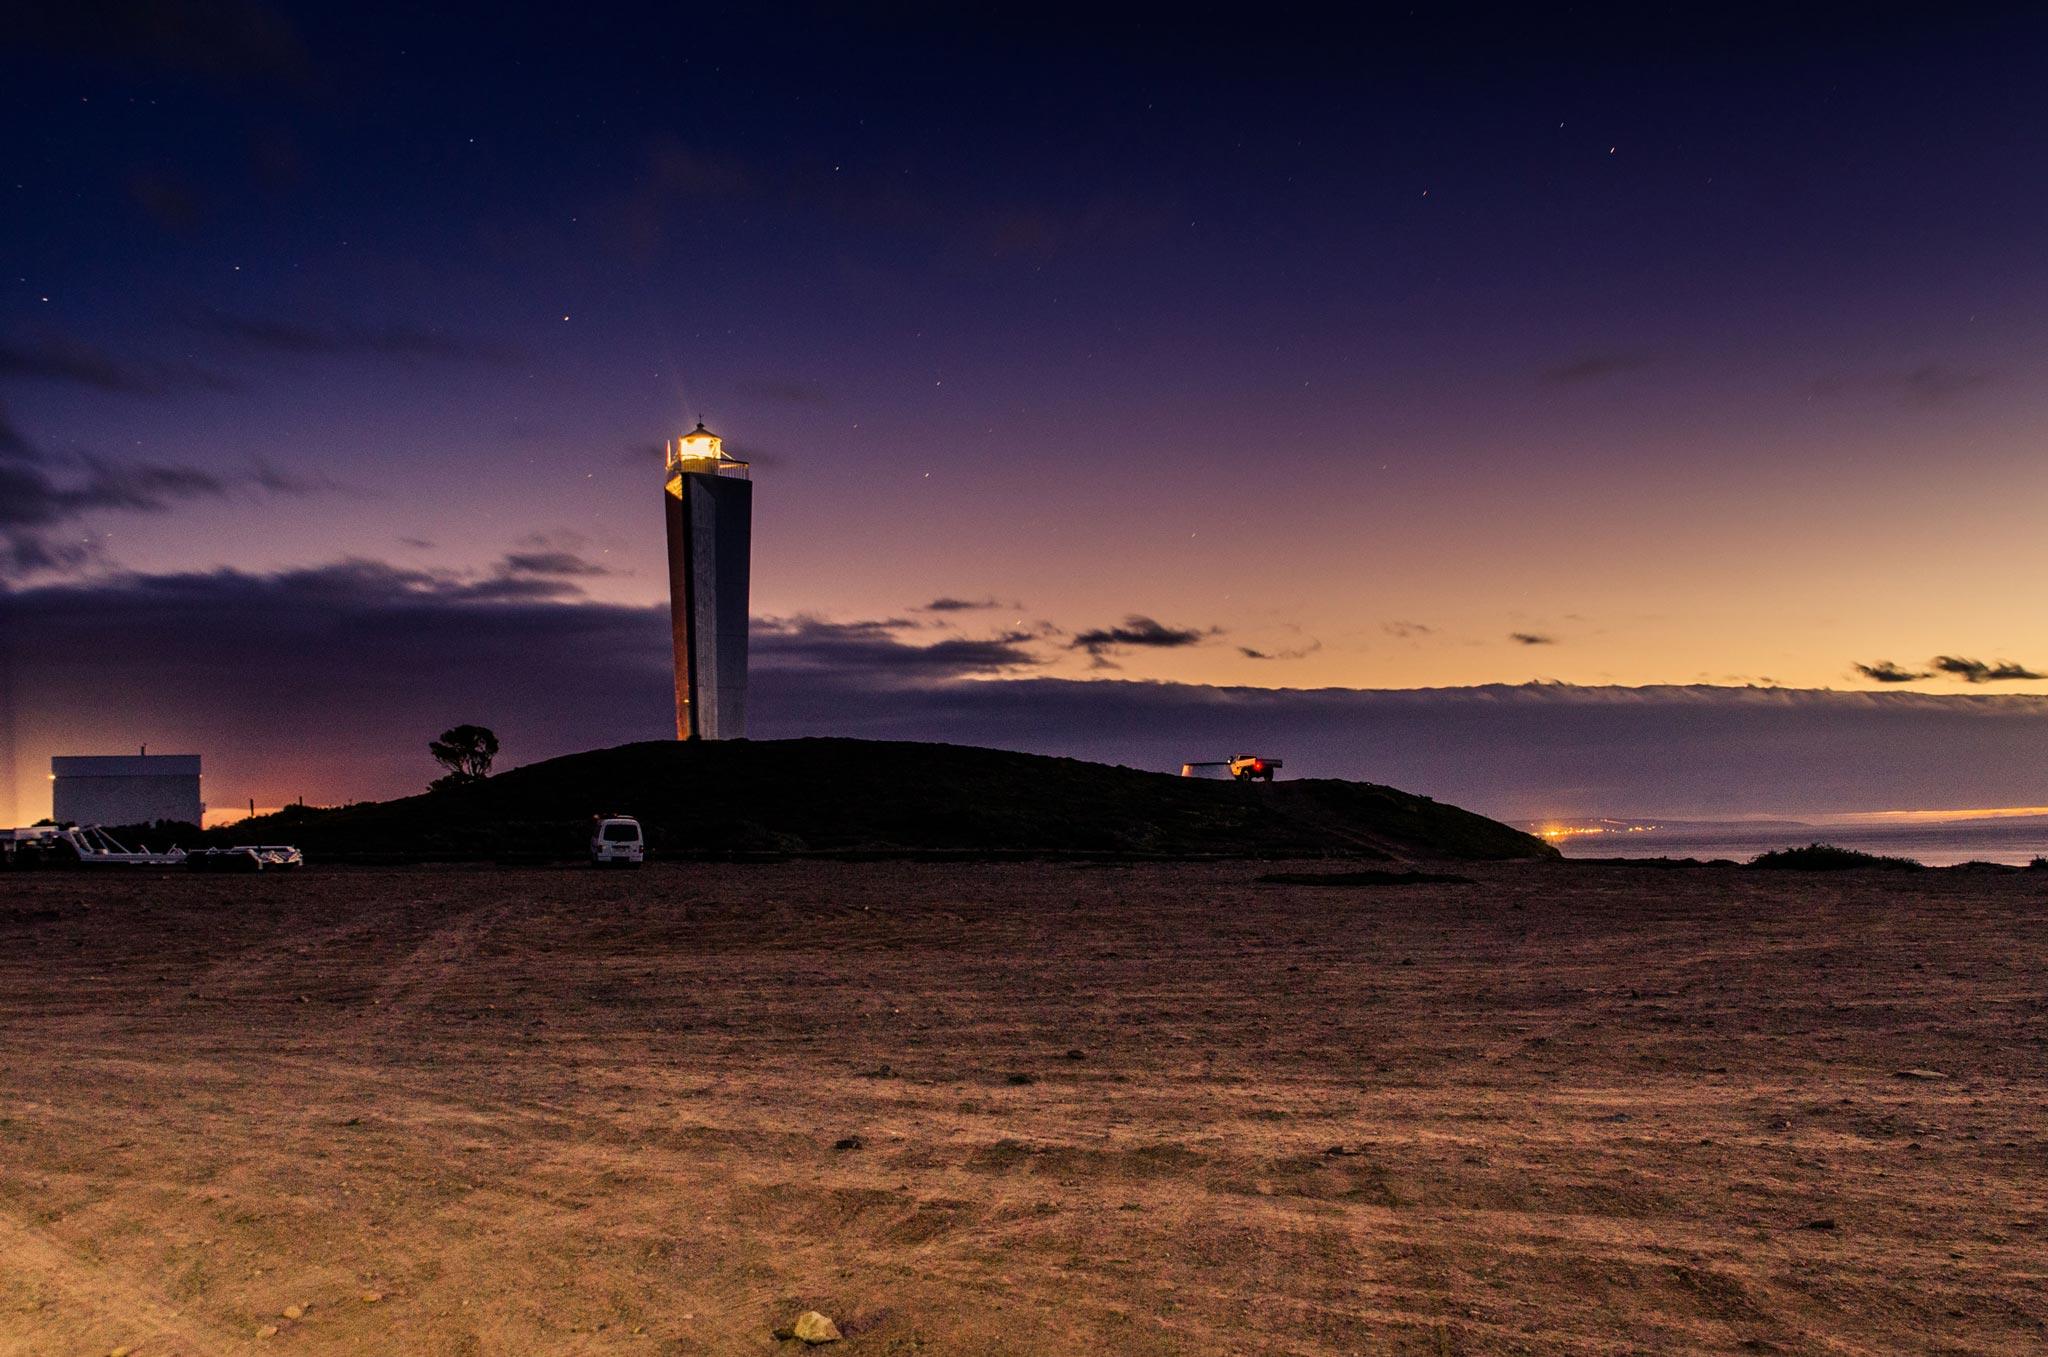 Paesaggi-Australia - DSC 4764 - Fotografo di paesaggio Australia, cape tribulation - Fotografo di paesaggio Australia, cape tribulation